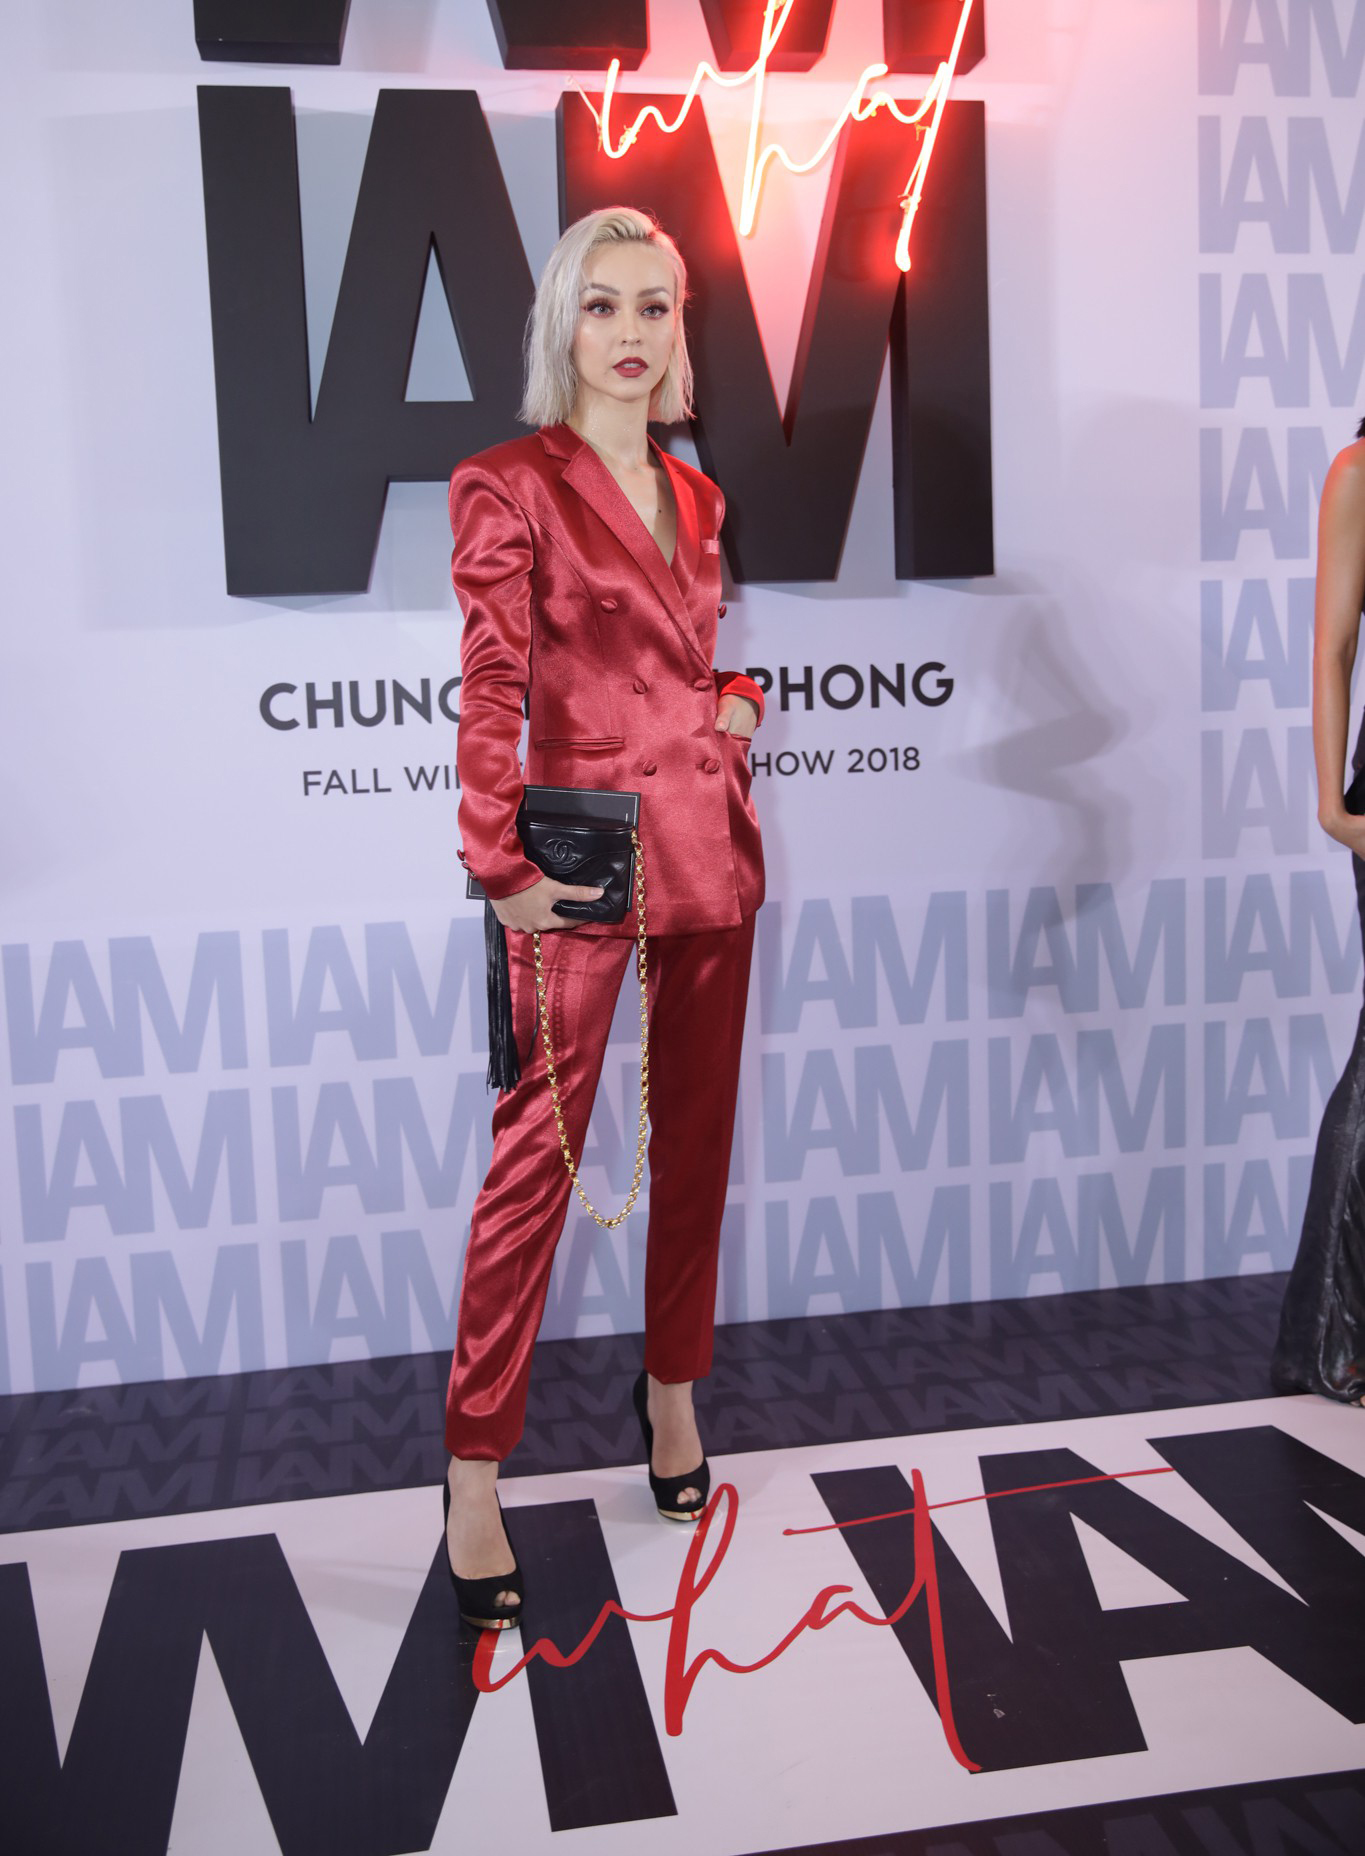 Thảm đỏ show Chung Thanh Phong: Khi dàn sao nữ đồng loạt lên đồ như dự lễ hội Halloween - Ảnh 8